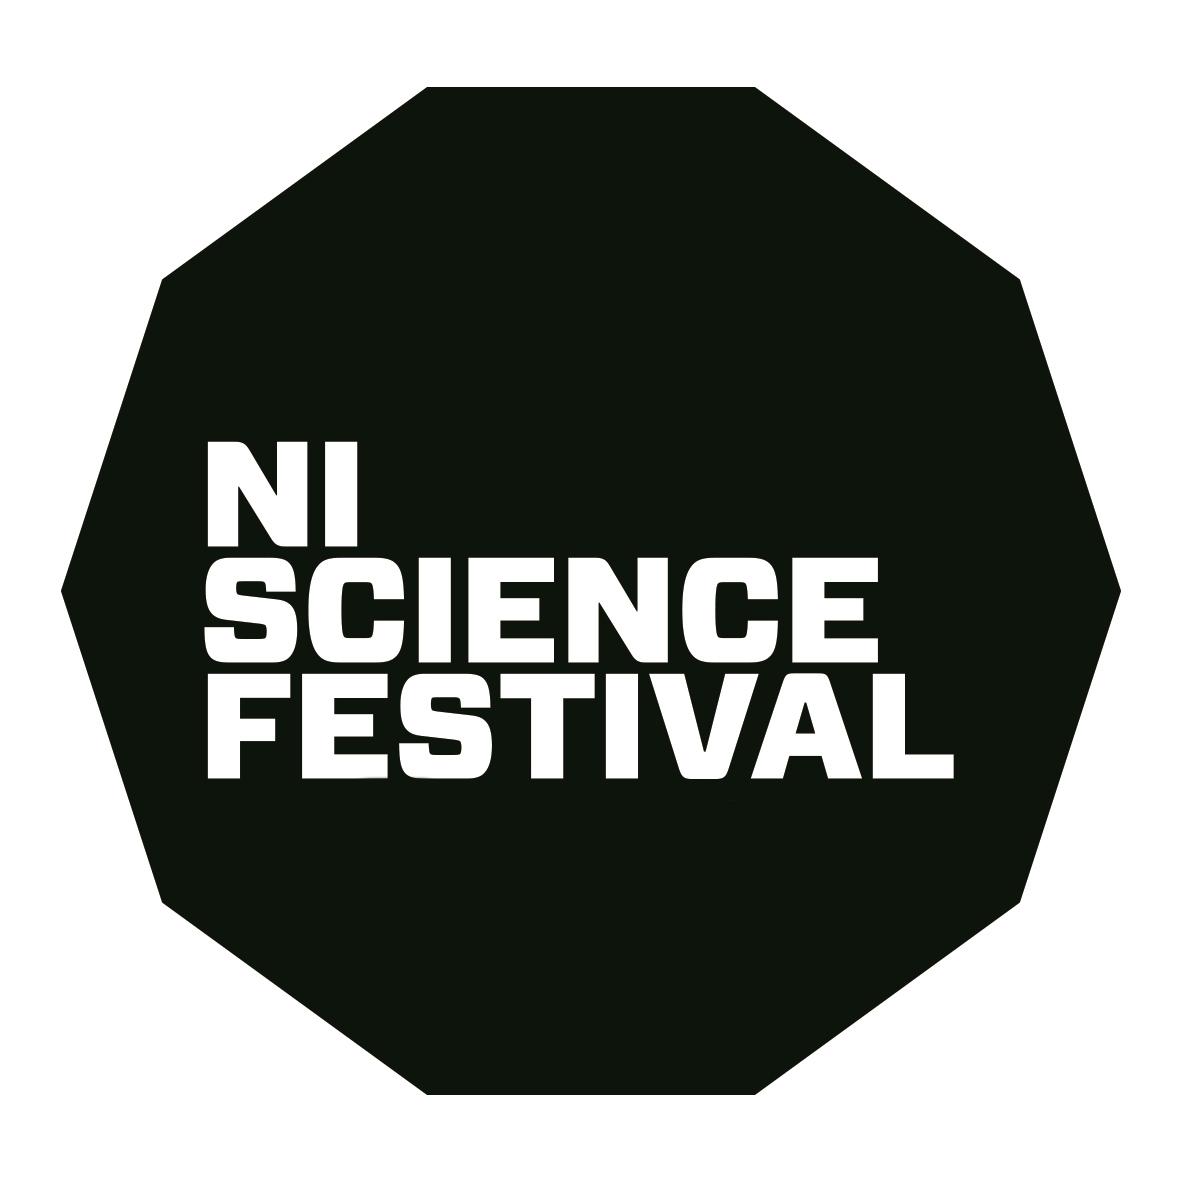 NI Science Festival Logo